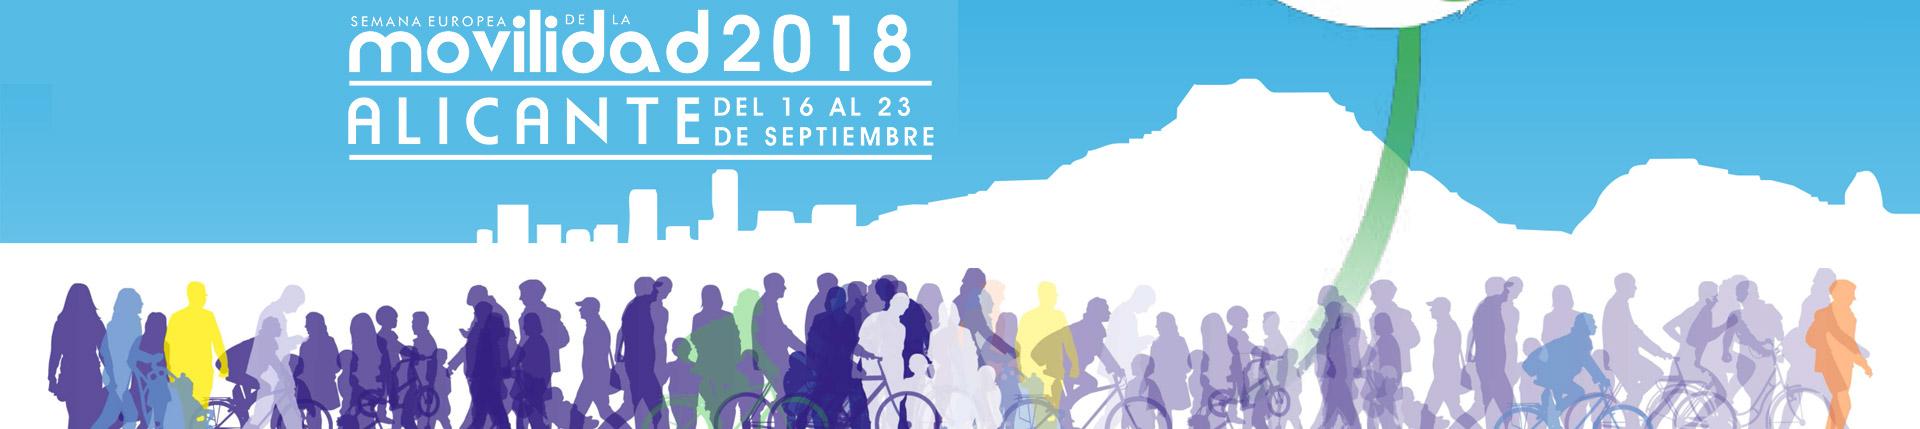 Semana Europea de la Movilidad 2018